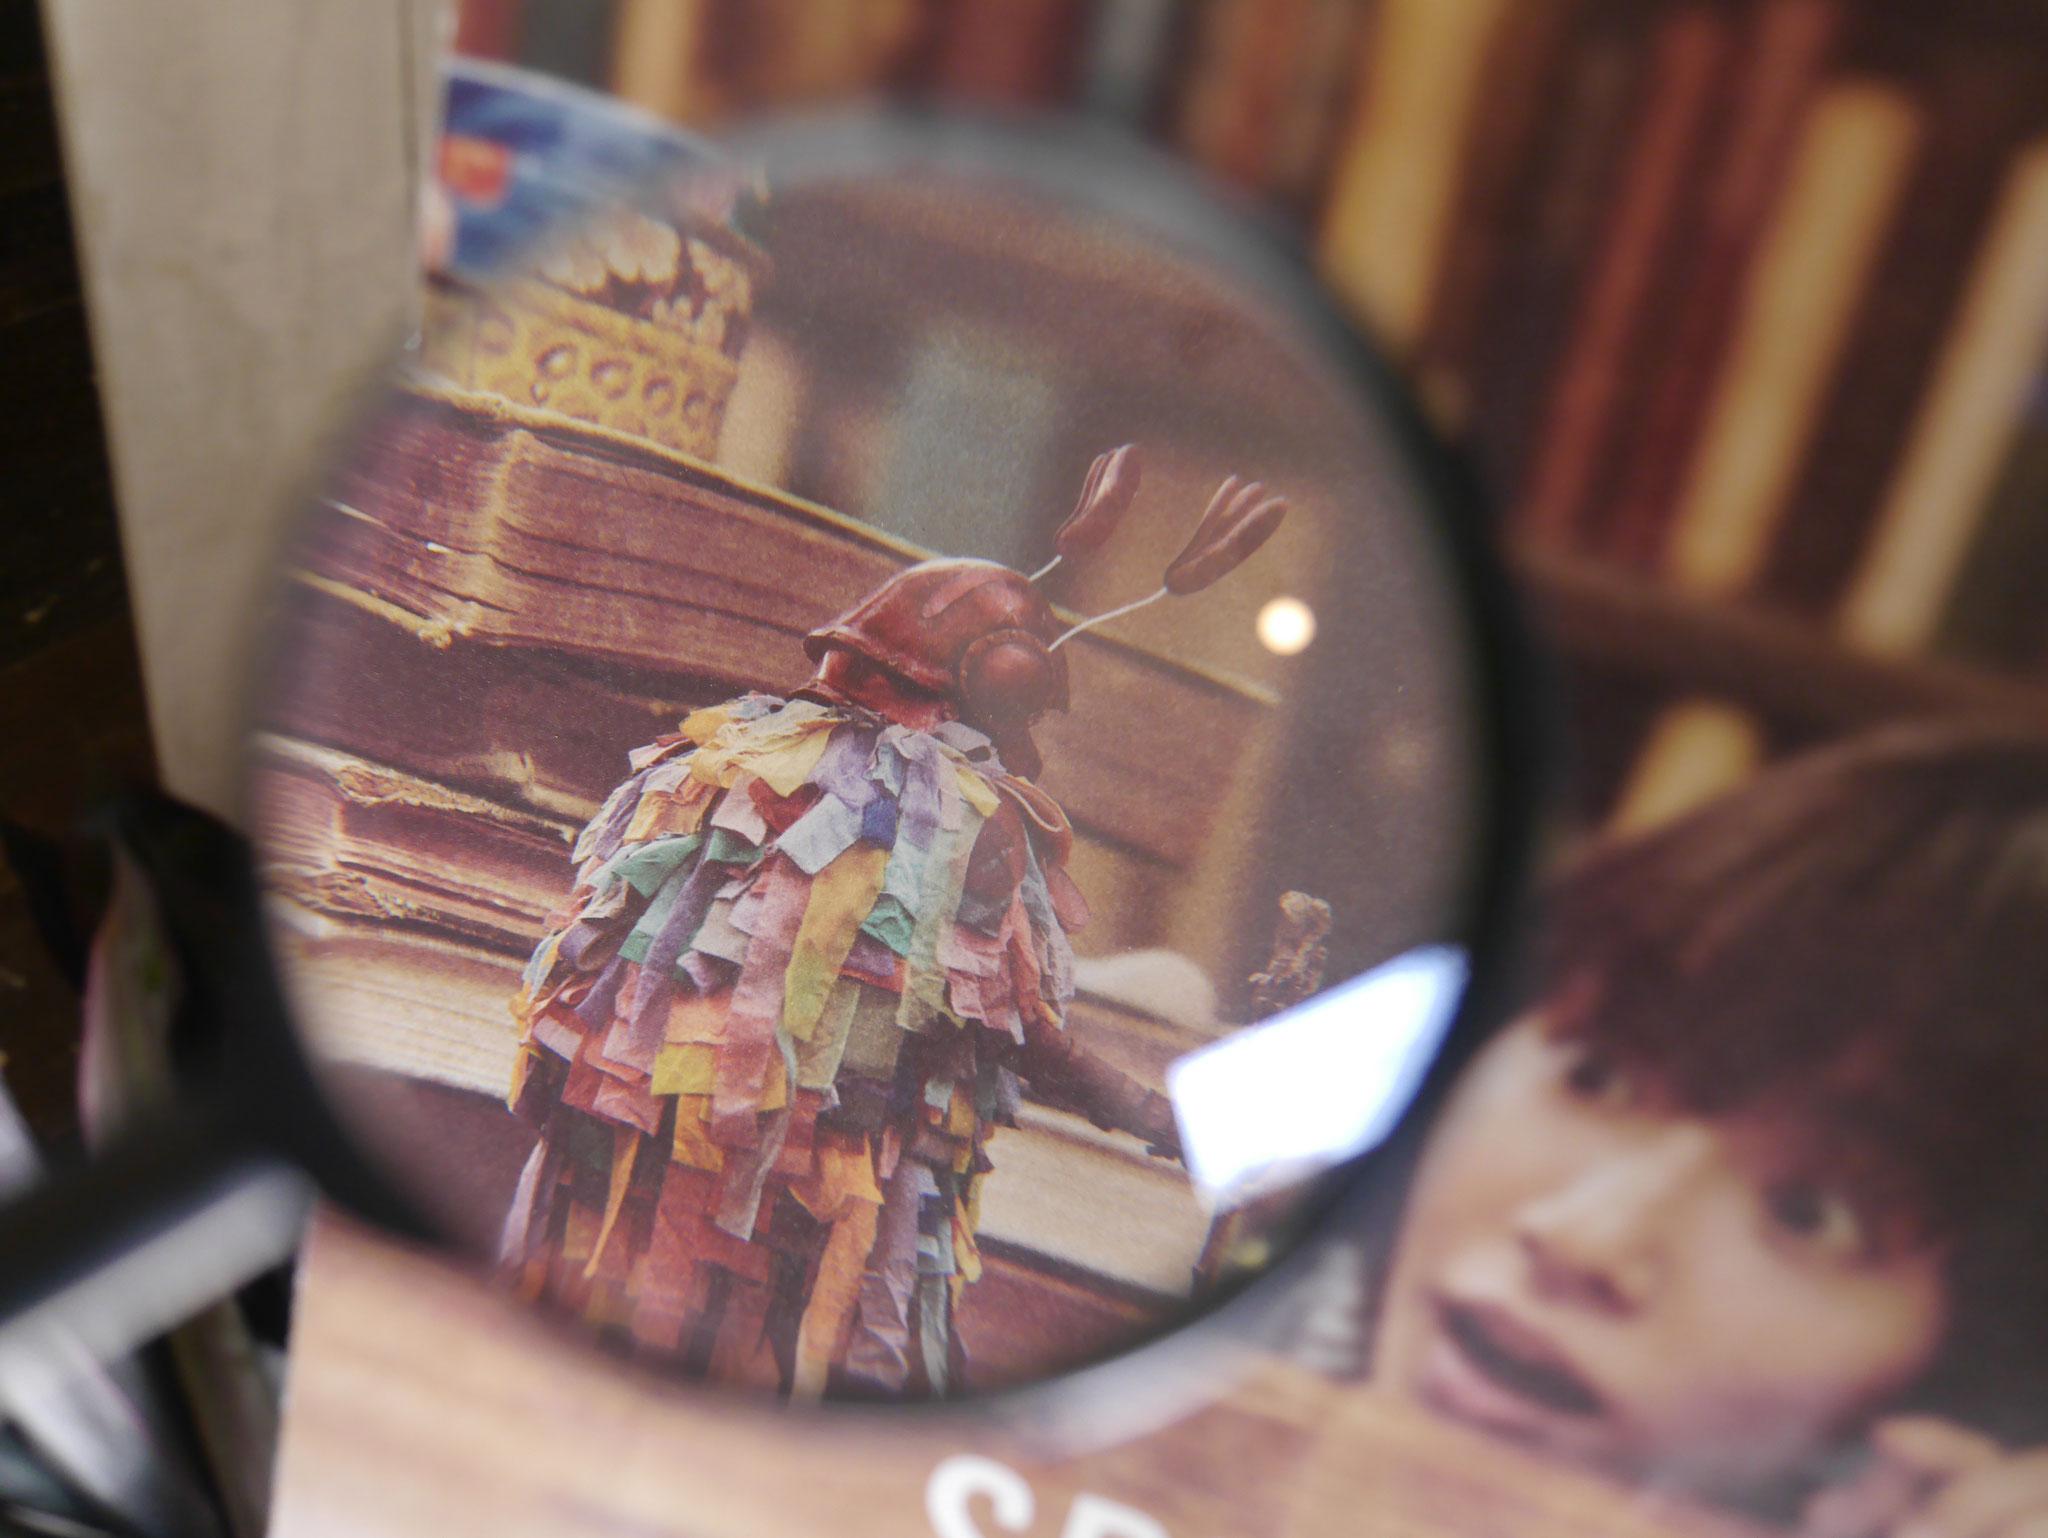 虫眼鏡で遊ぶ~その2🔎ミノムシさんの背中に💓が。